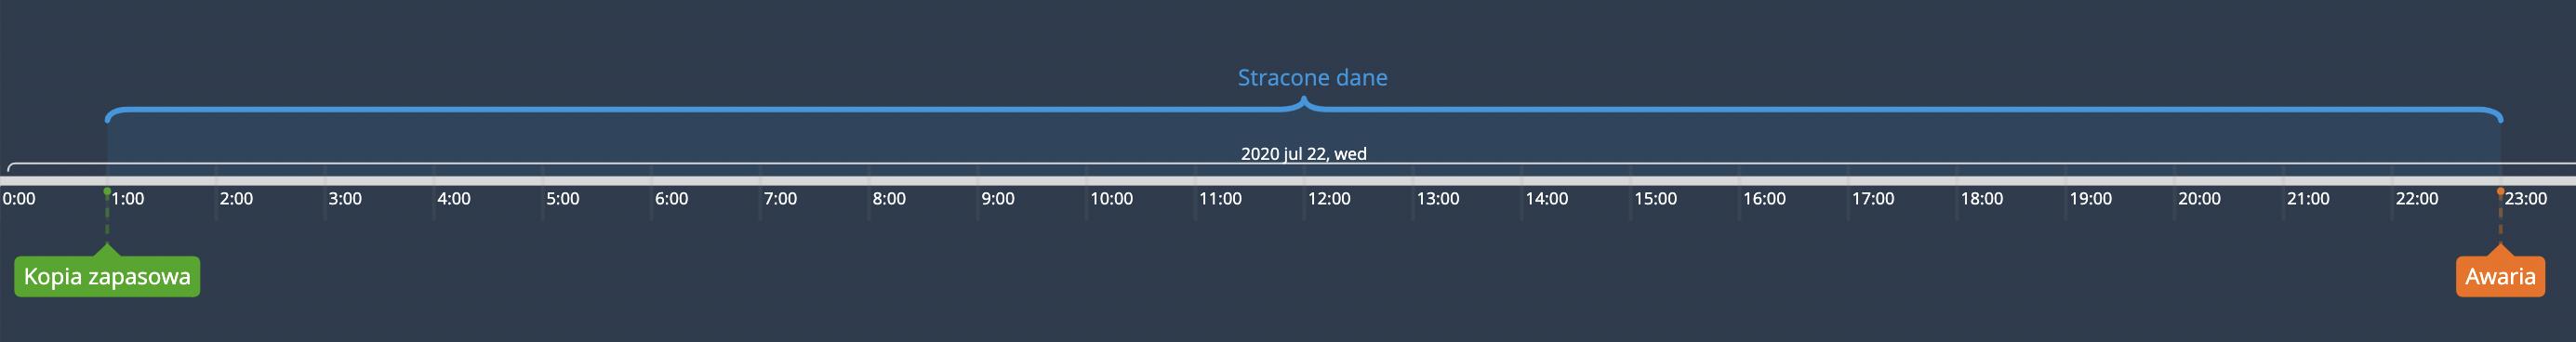 Timeline awarii